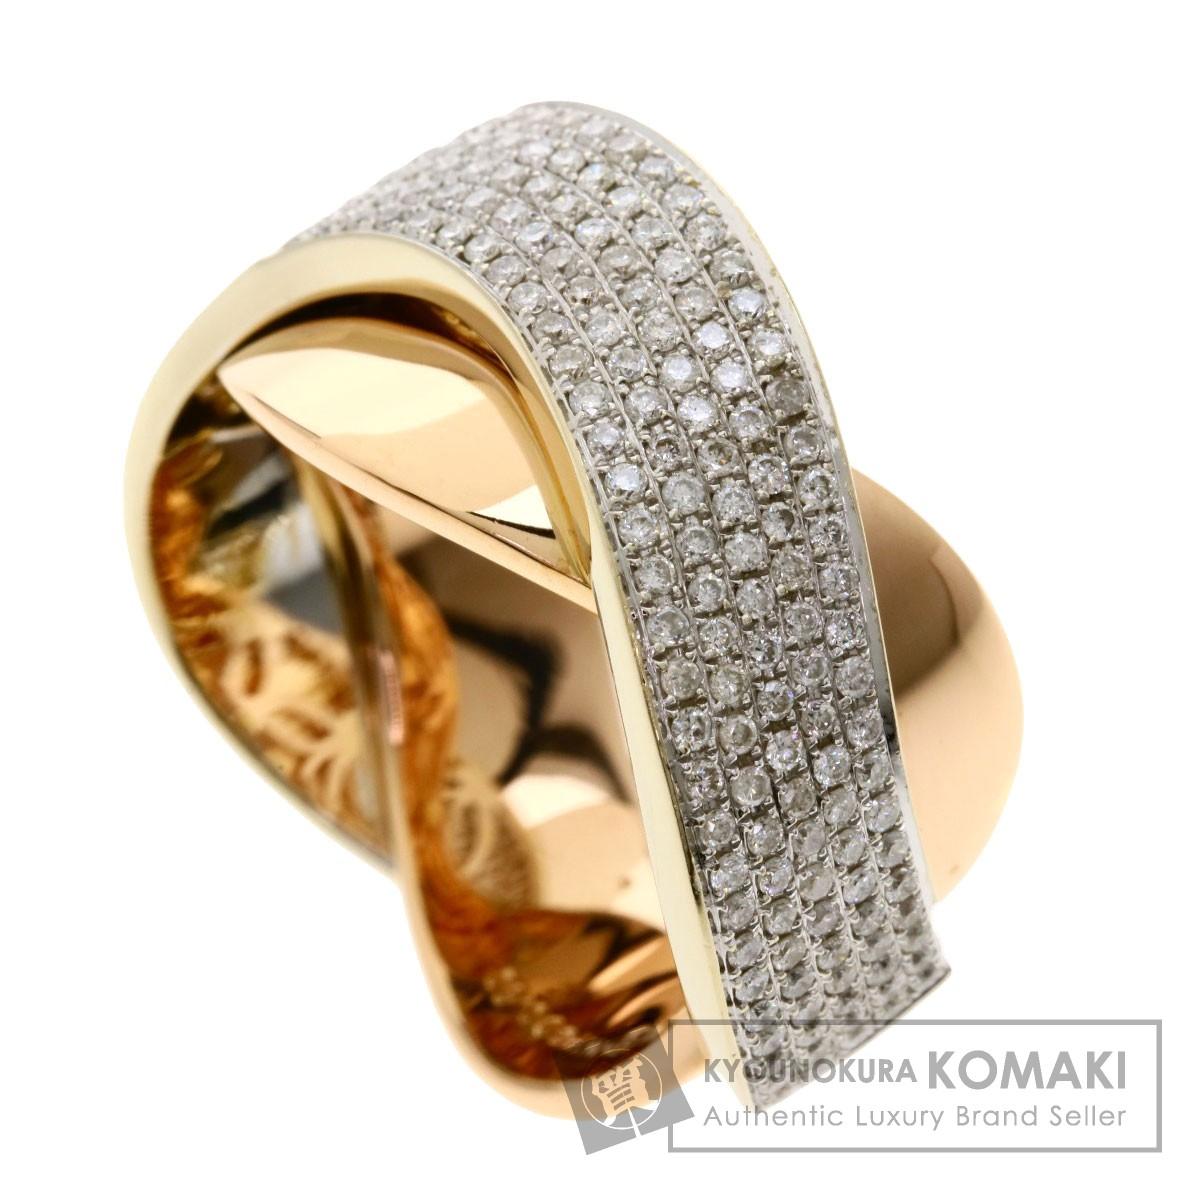 0.6ct ダイヤモンド リング・指輪 K18ピンクゴールド 12.5g レディース 【中古】